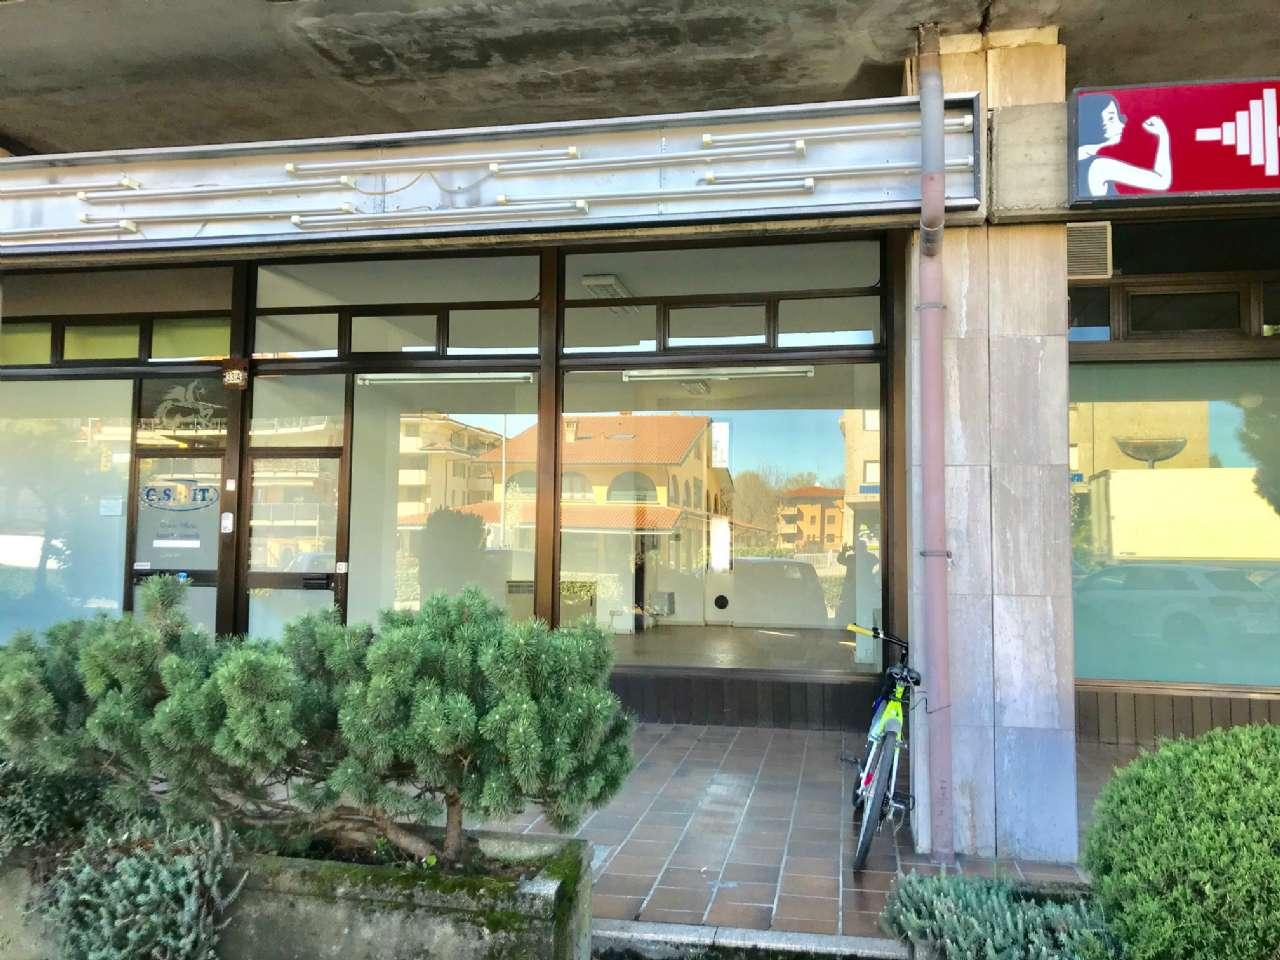 Negozio / Locale in vendita a Cassano d'Adda, 1 locali, prezzo € 73.000 | PortaleAgenzieImmobiliari.it